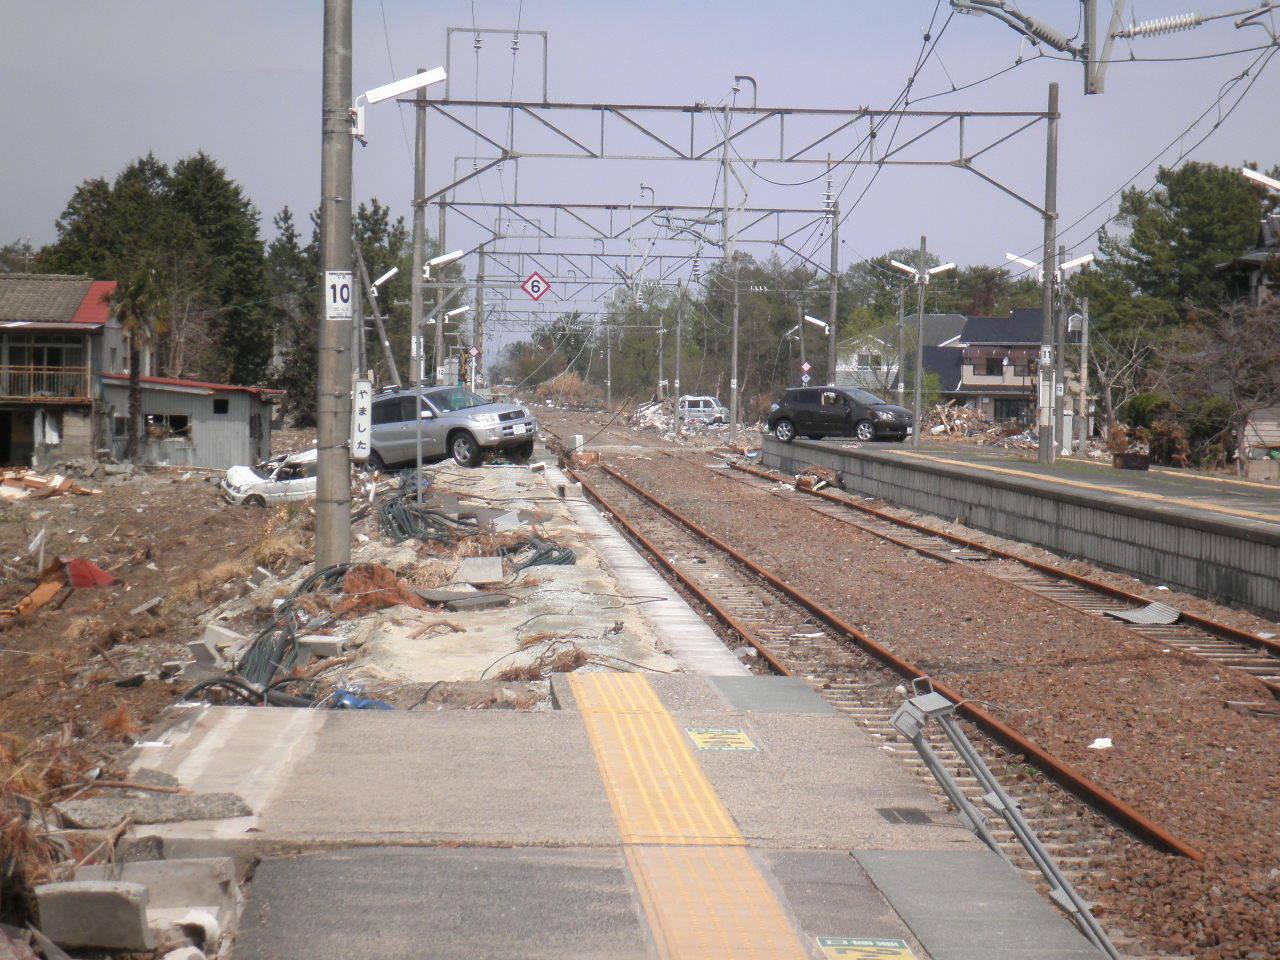 東日本大震災が発生した際に岡本さんが現地に訪れた際の様子